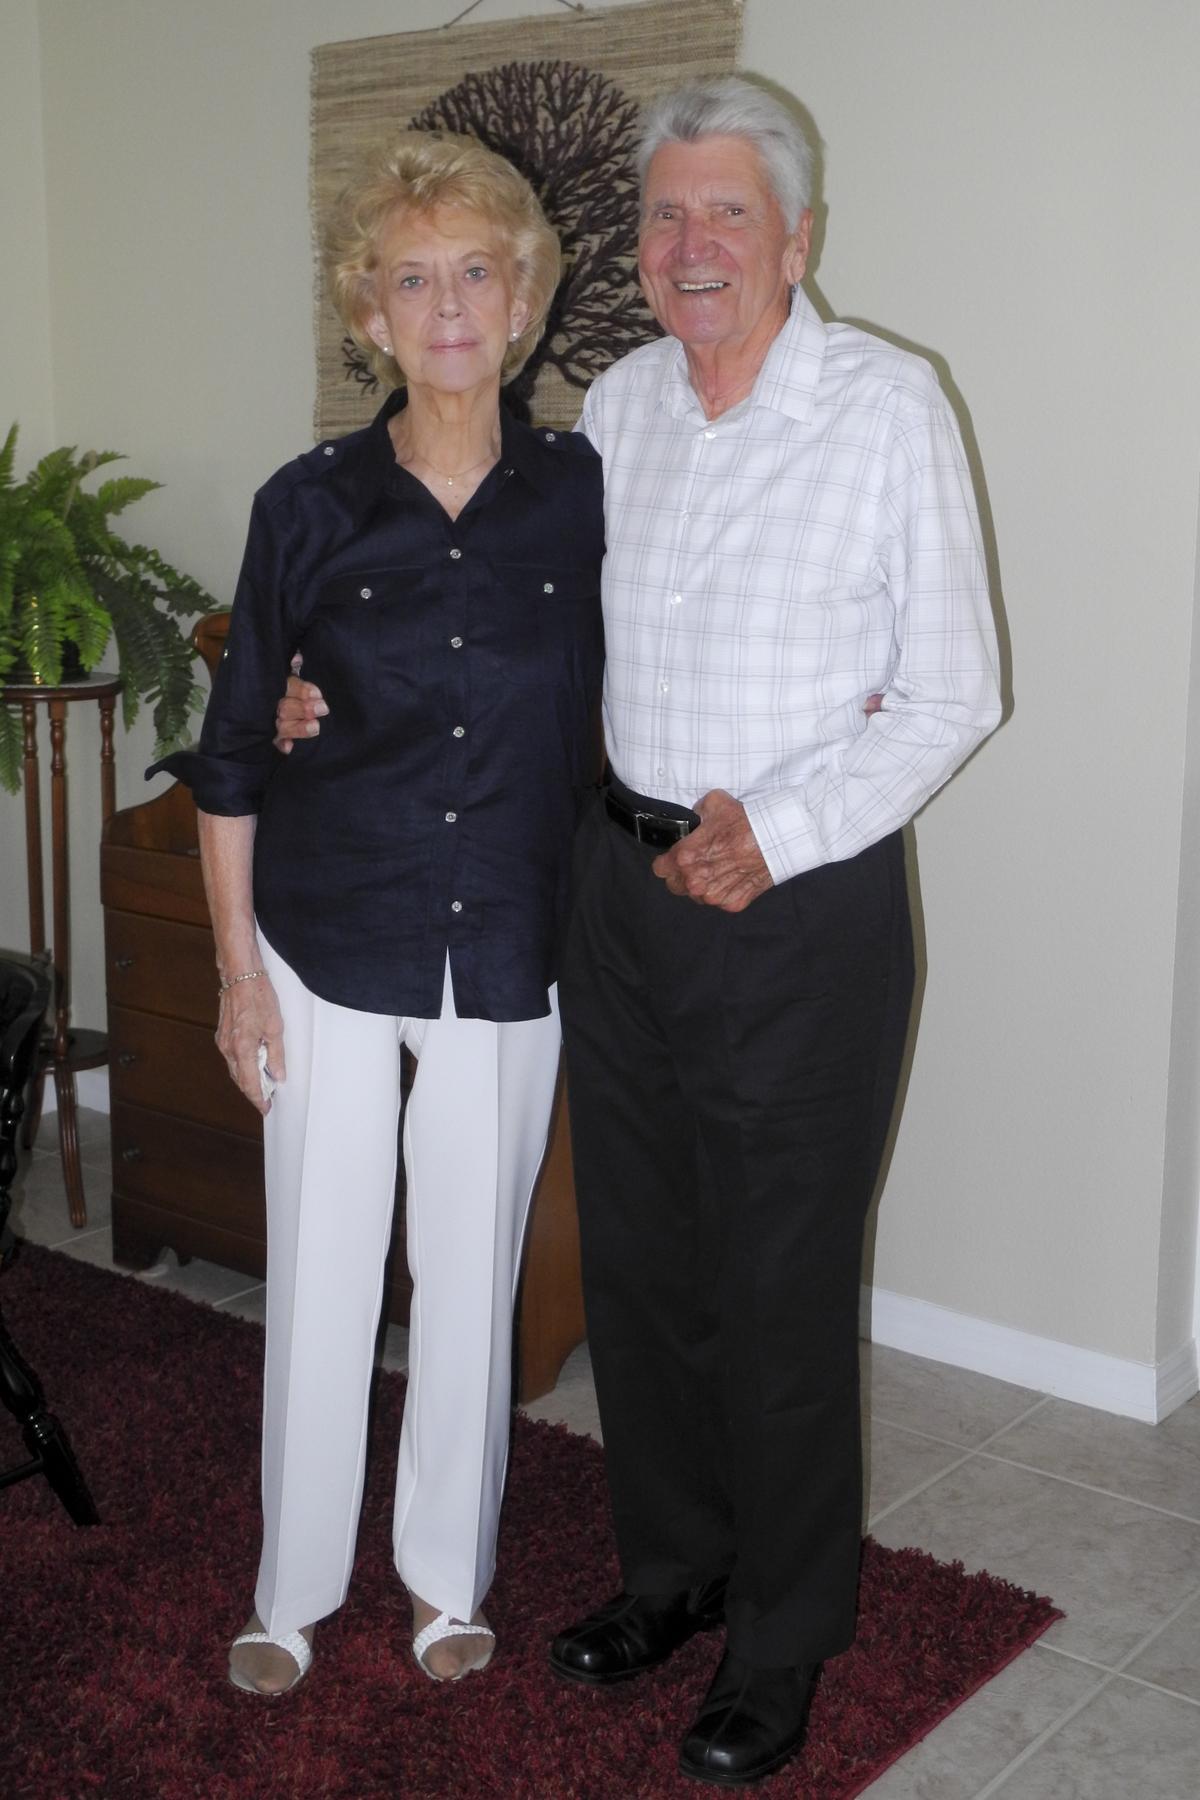 2014 - MaryAnn & Richard 62nd Anniversary